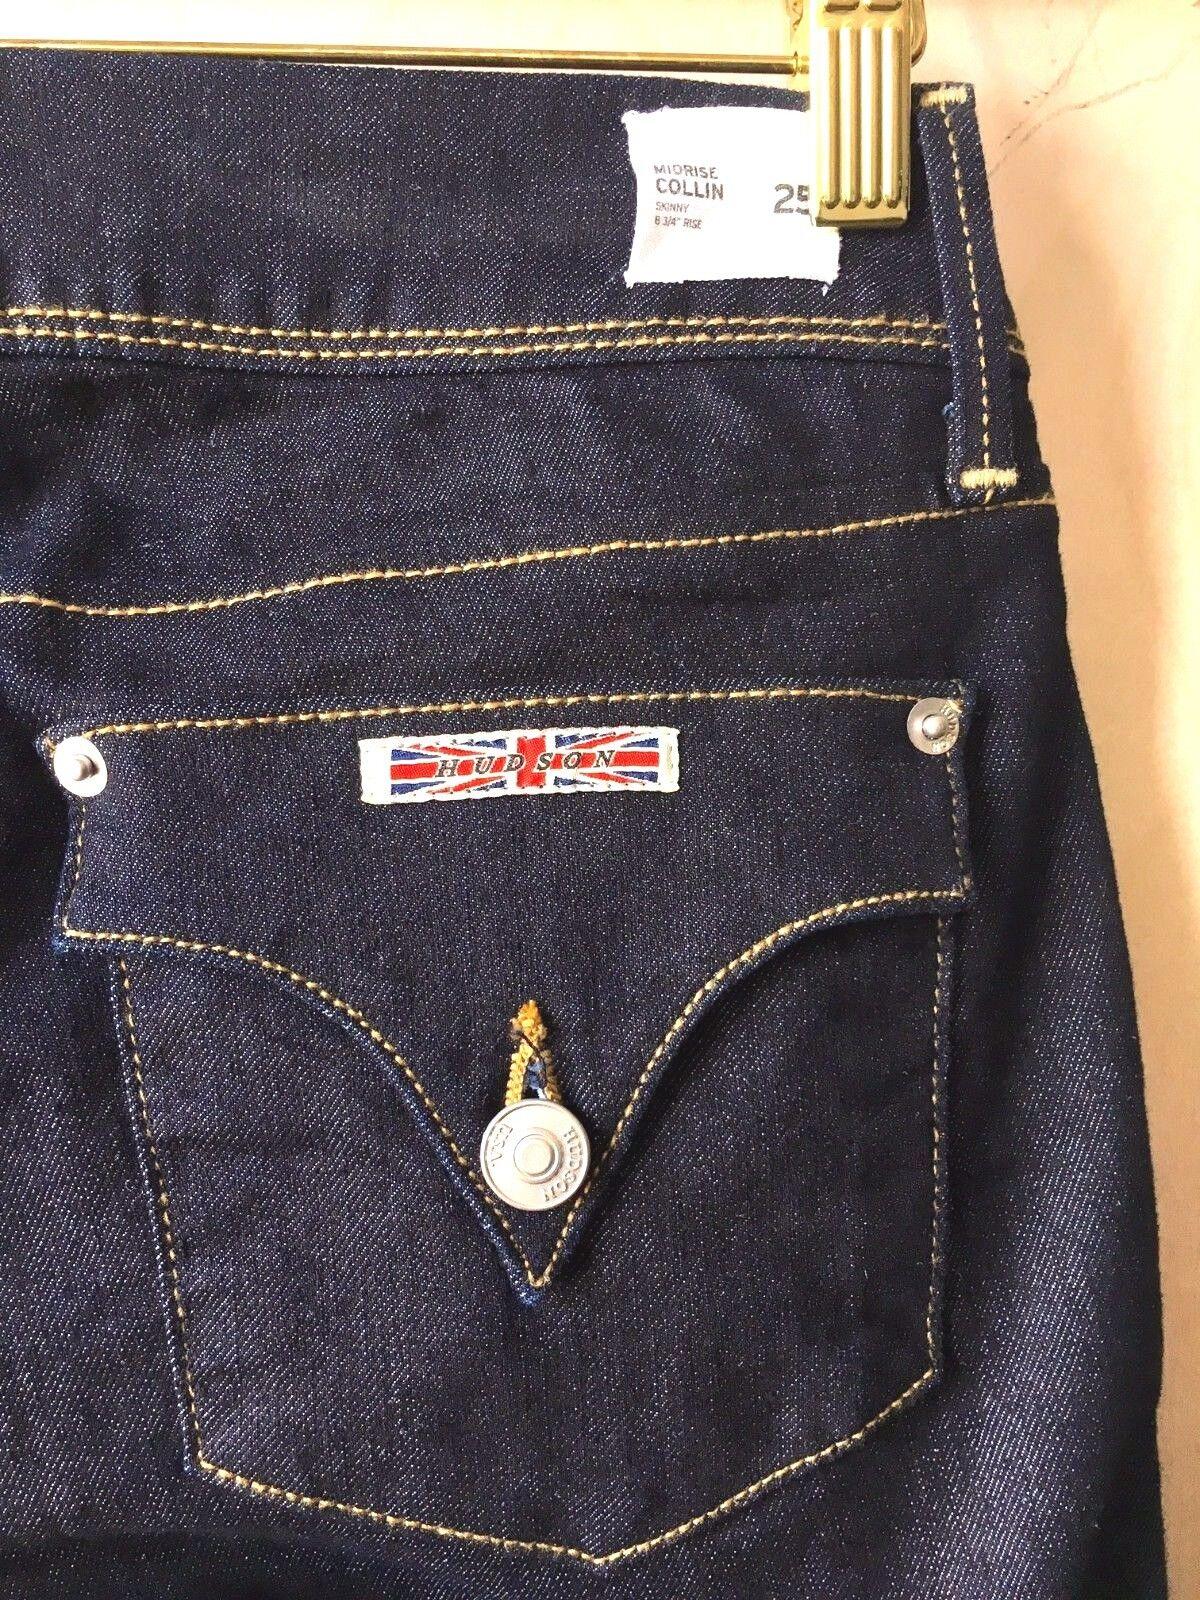 Hudson Collin Skinny, Taille Moyenne Jean, Bleu Foncé, Épais Ceinture Élastique,